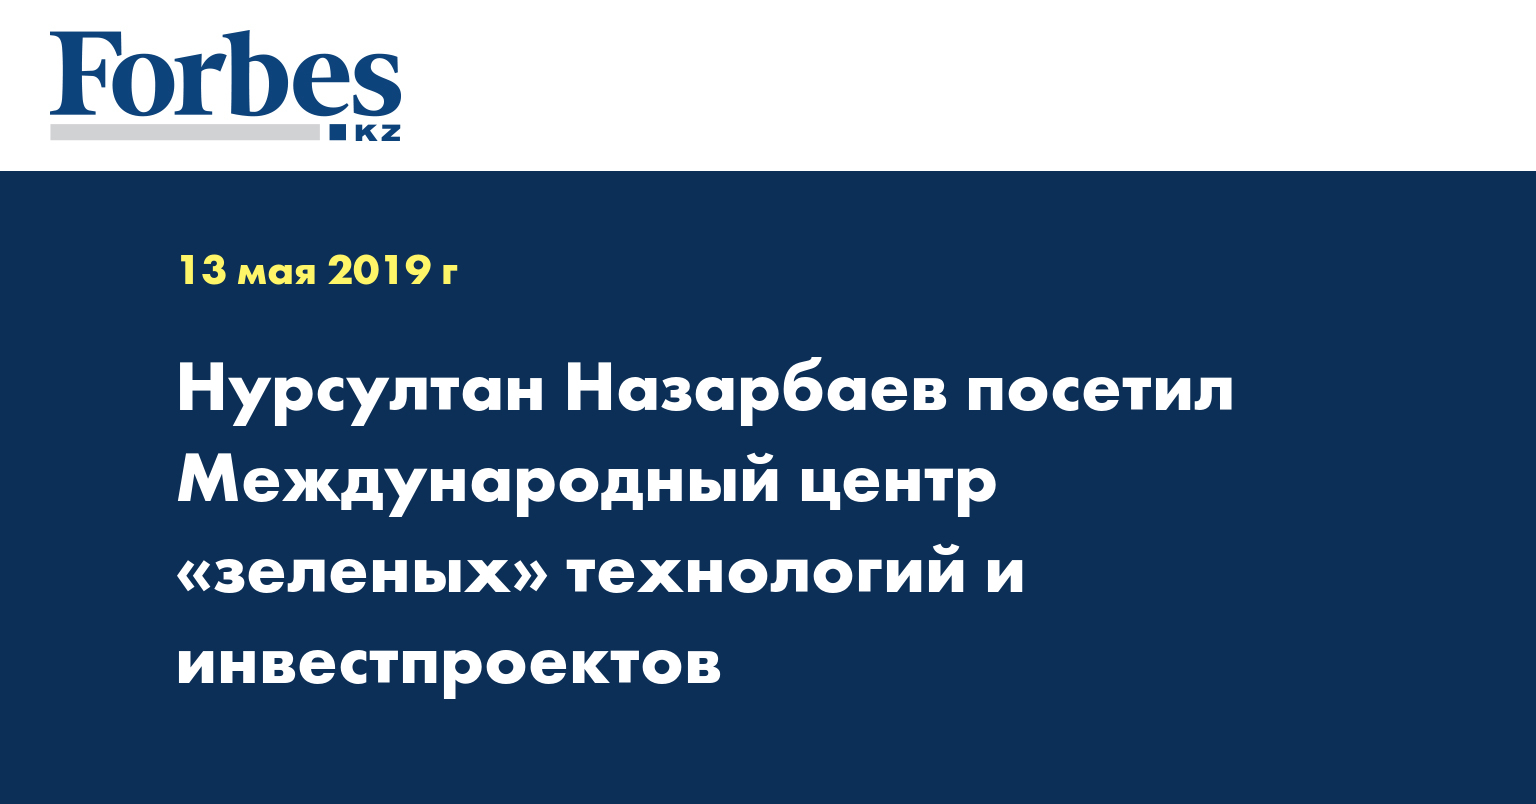 Нурсултан Назарбаев посетил Международный центр «зеленых» технологий и инвестпроектов